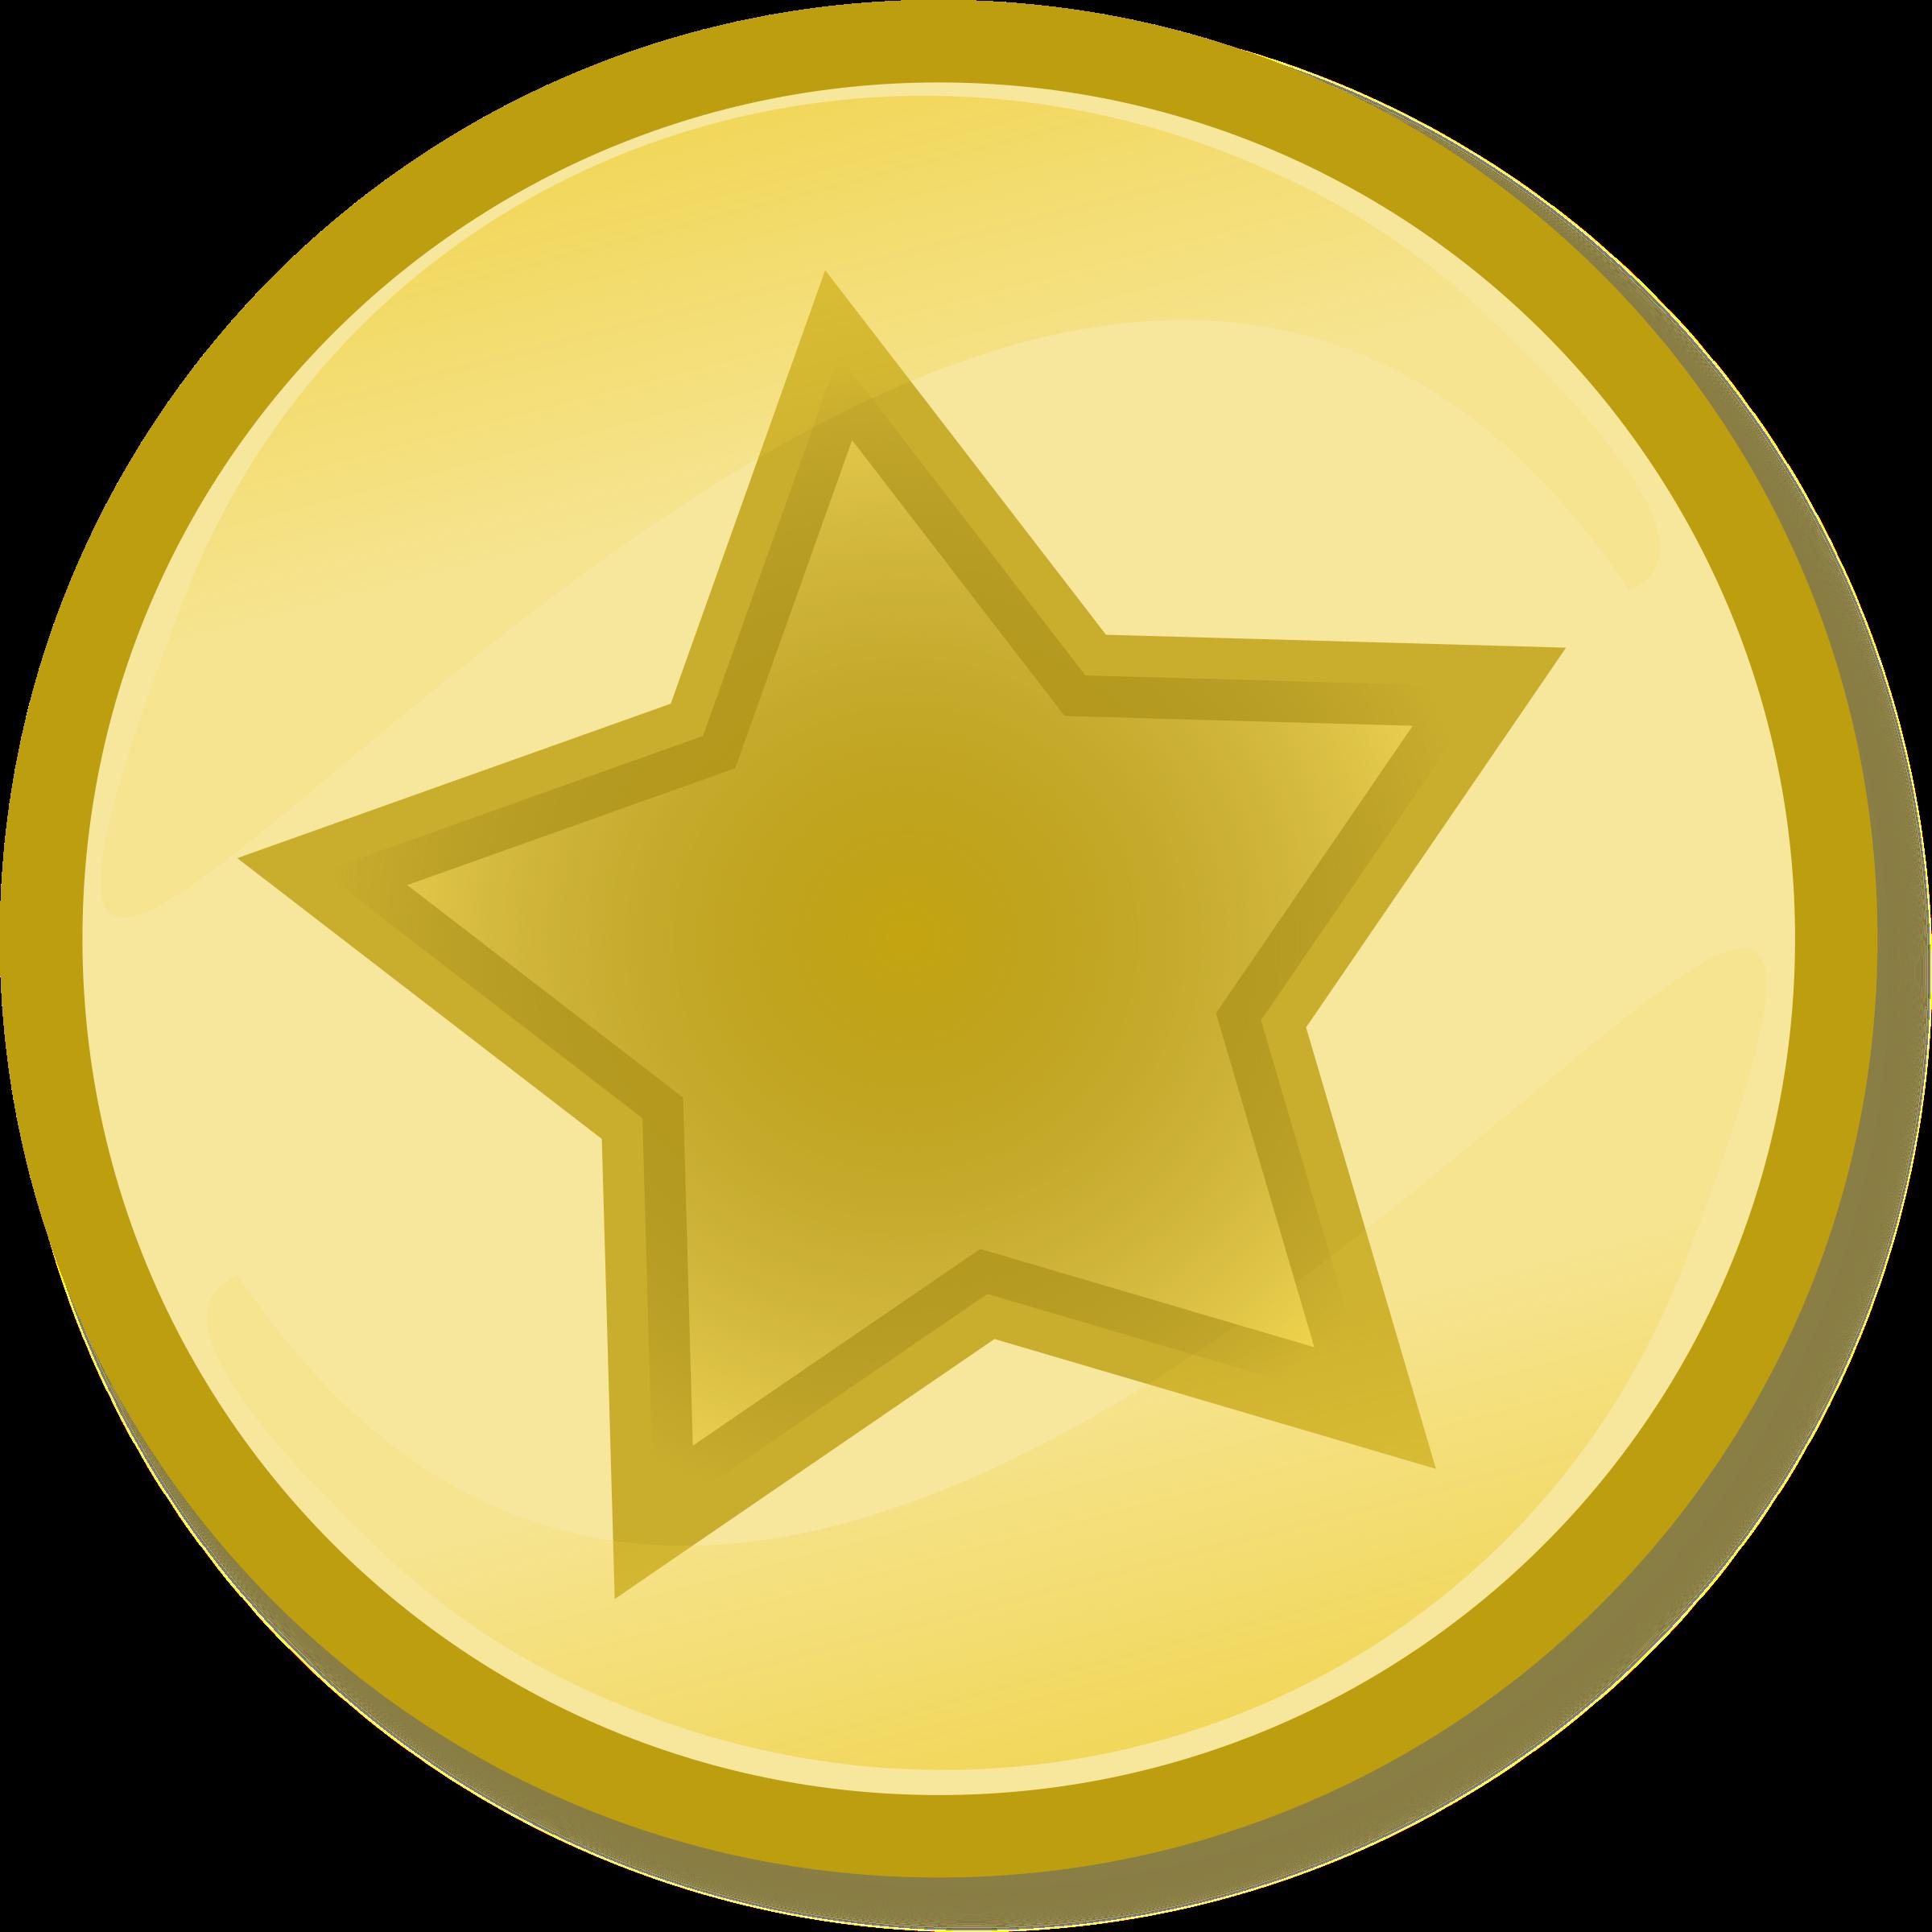 Circle clipart yellow circle Circled Clipart star Yellow Yellow